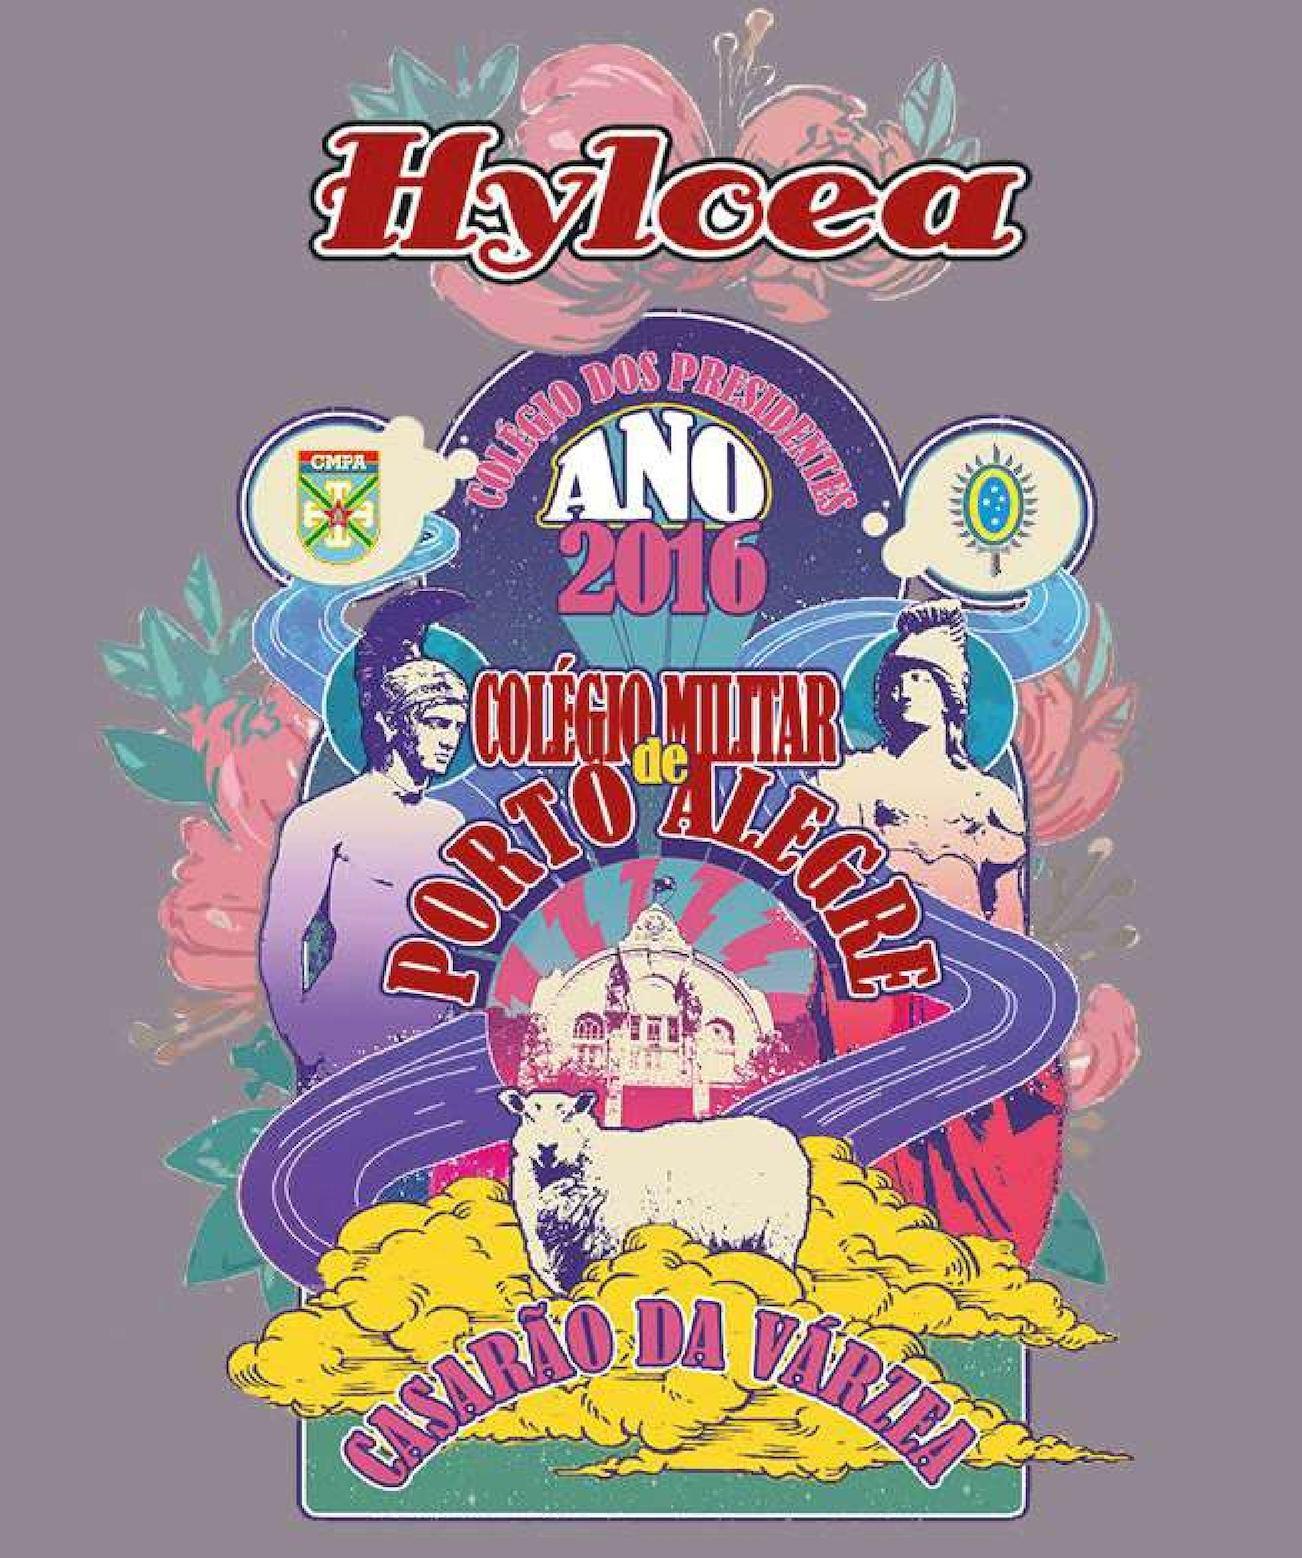 Calaméo - HYLOEA 2016 4a2614a411e